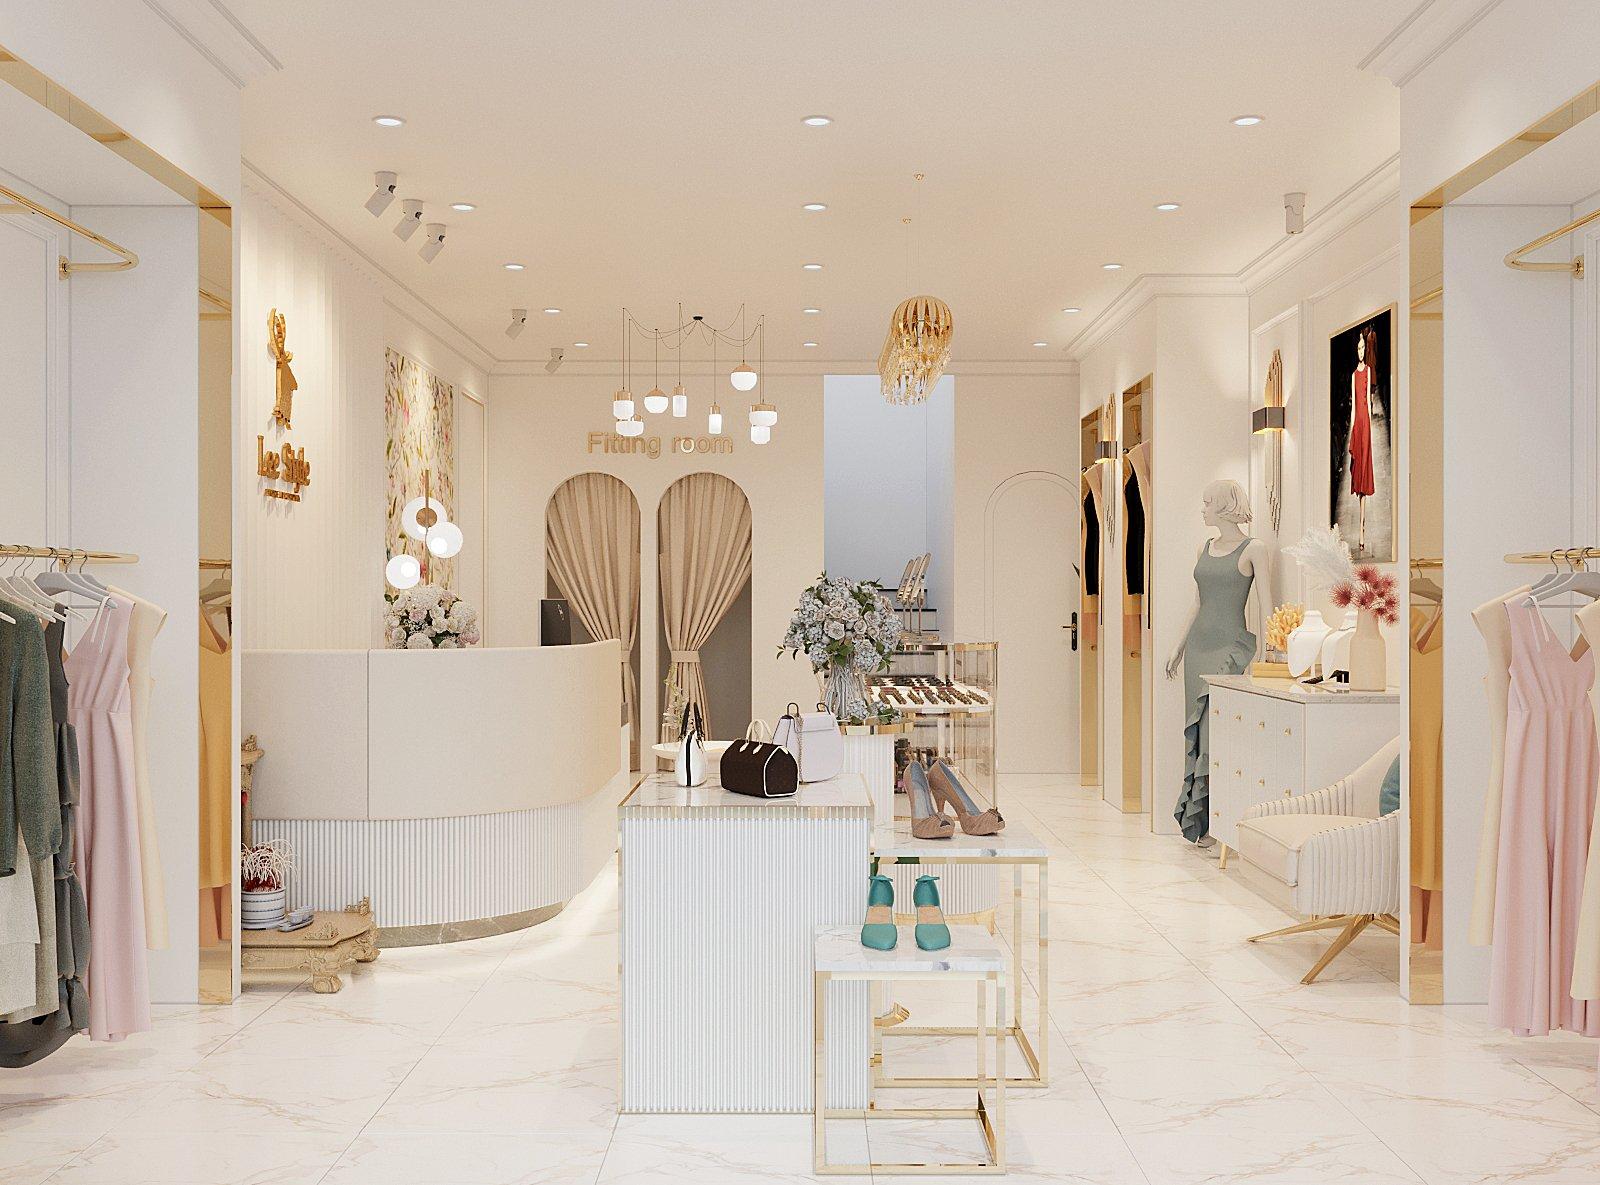 Ở một tầng khác, không gian nội thất được thiết kế với tông màu pastel nhẹ nhàng, hấp dẫn mọi ánh nhìn, có thể làm hài lòng những vị khách khó tính nhất.